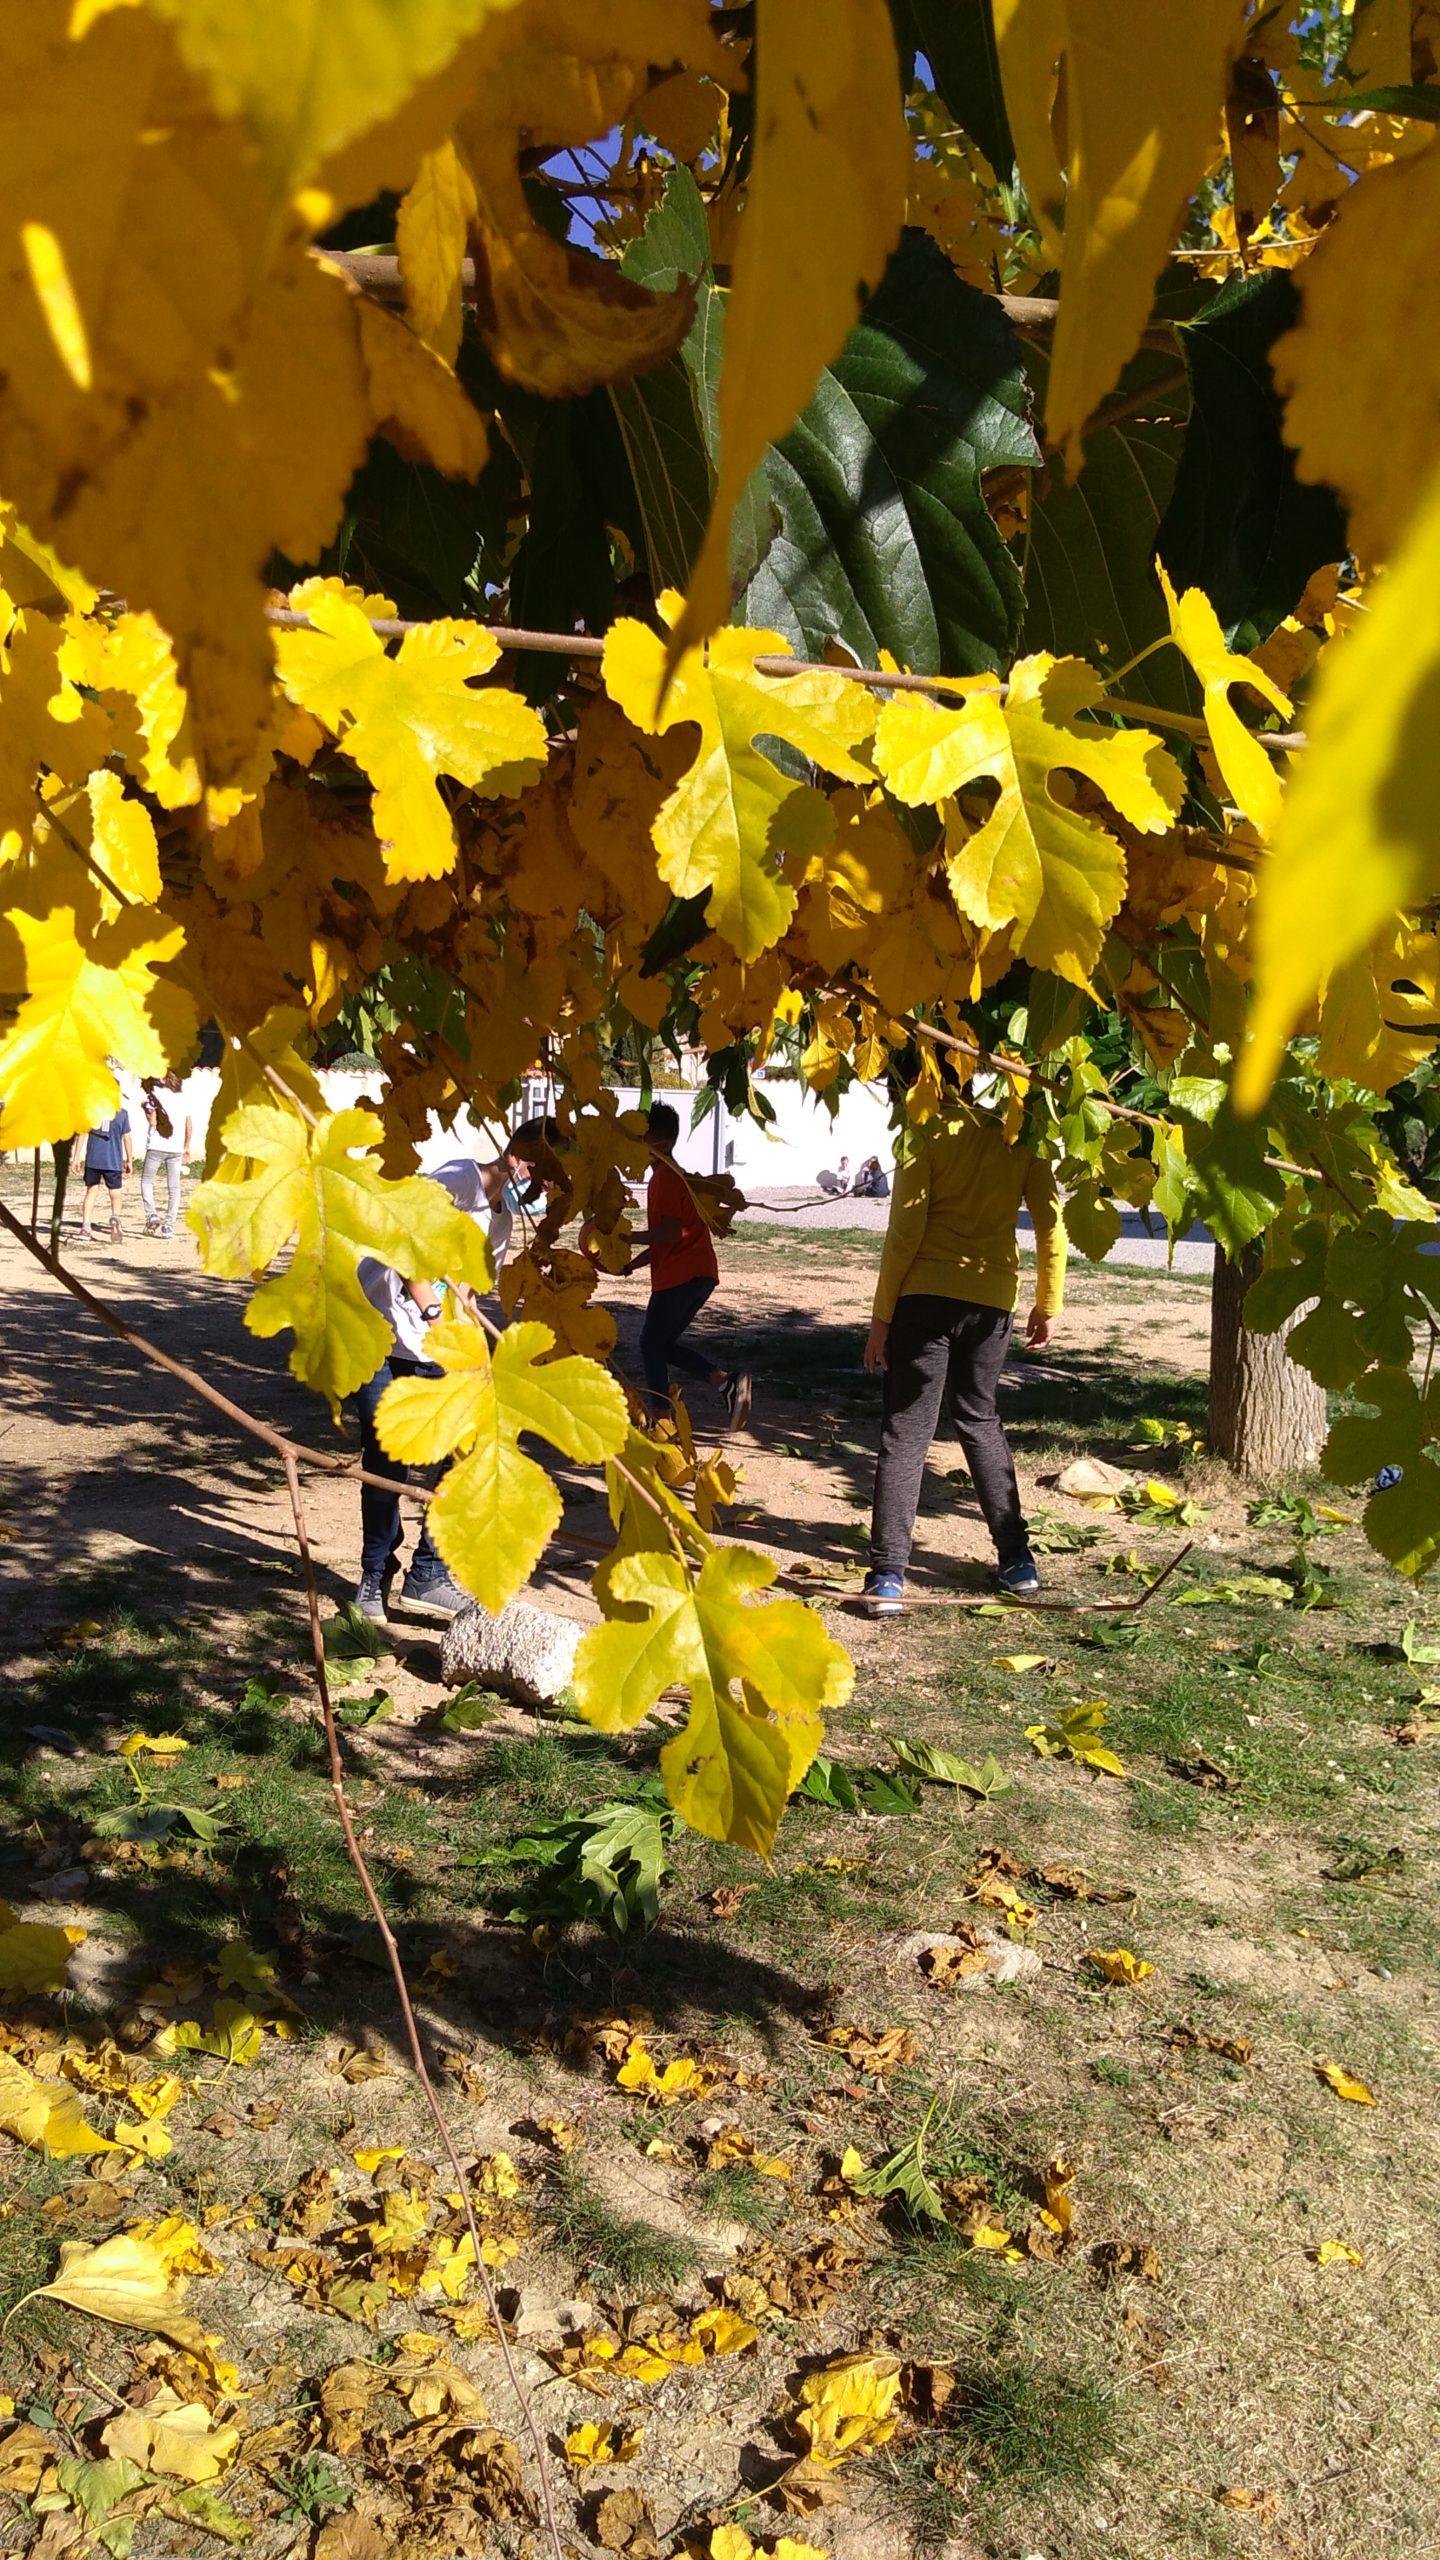 Ecole Sainte Marie Fuveau espaces verts cadre bucolique enfants jouant dans le champ avant plan de la photo feuilles de müriers janies et d'autres vertes